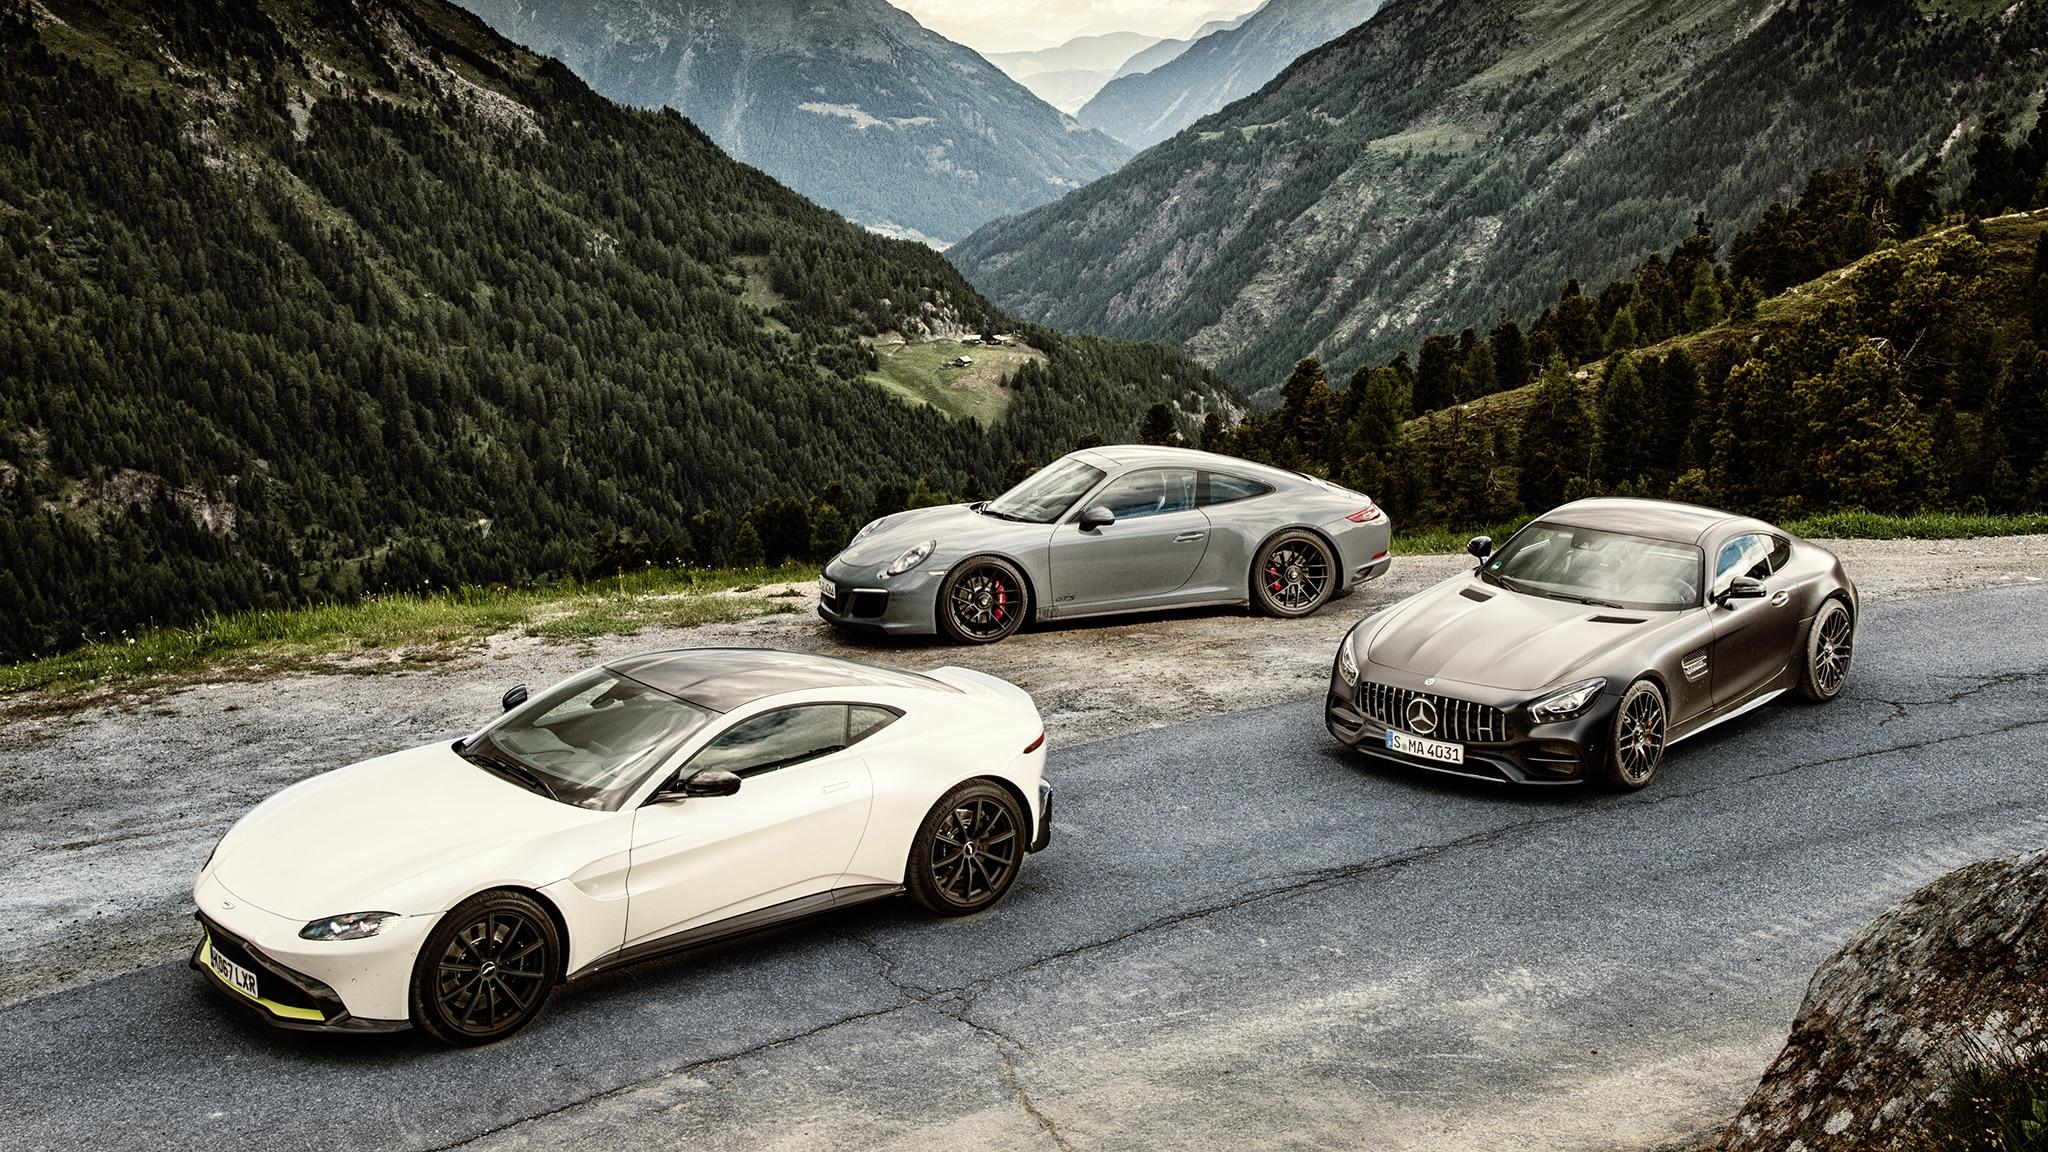 Aston Martin Vs Mercedes AMG Vs Porsche